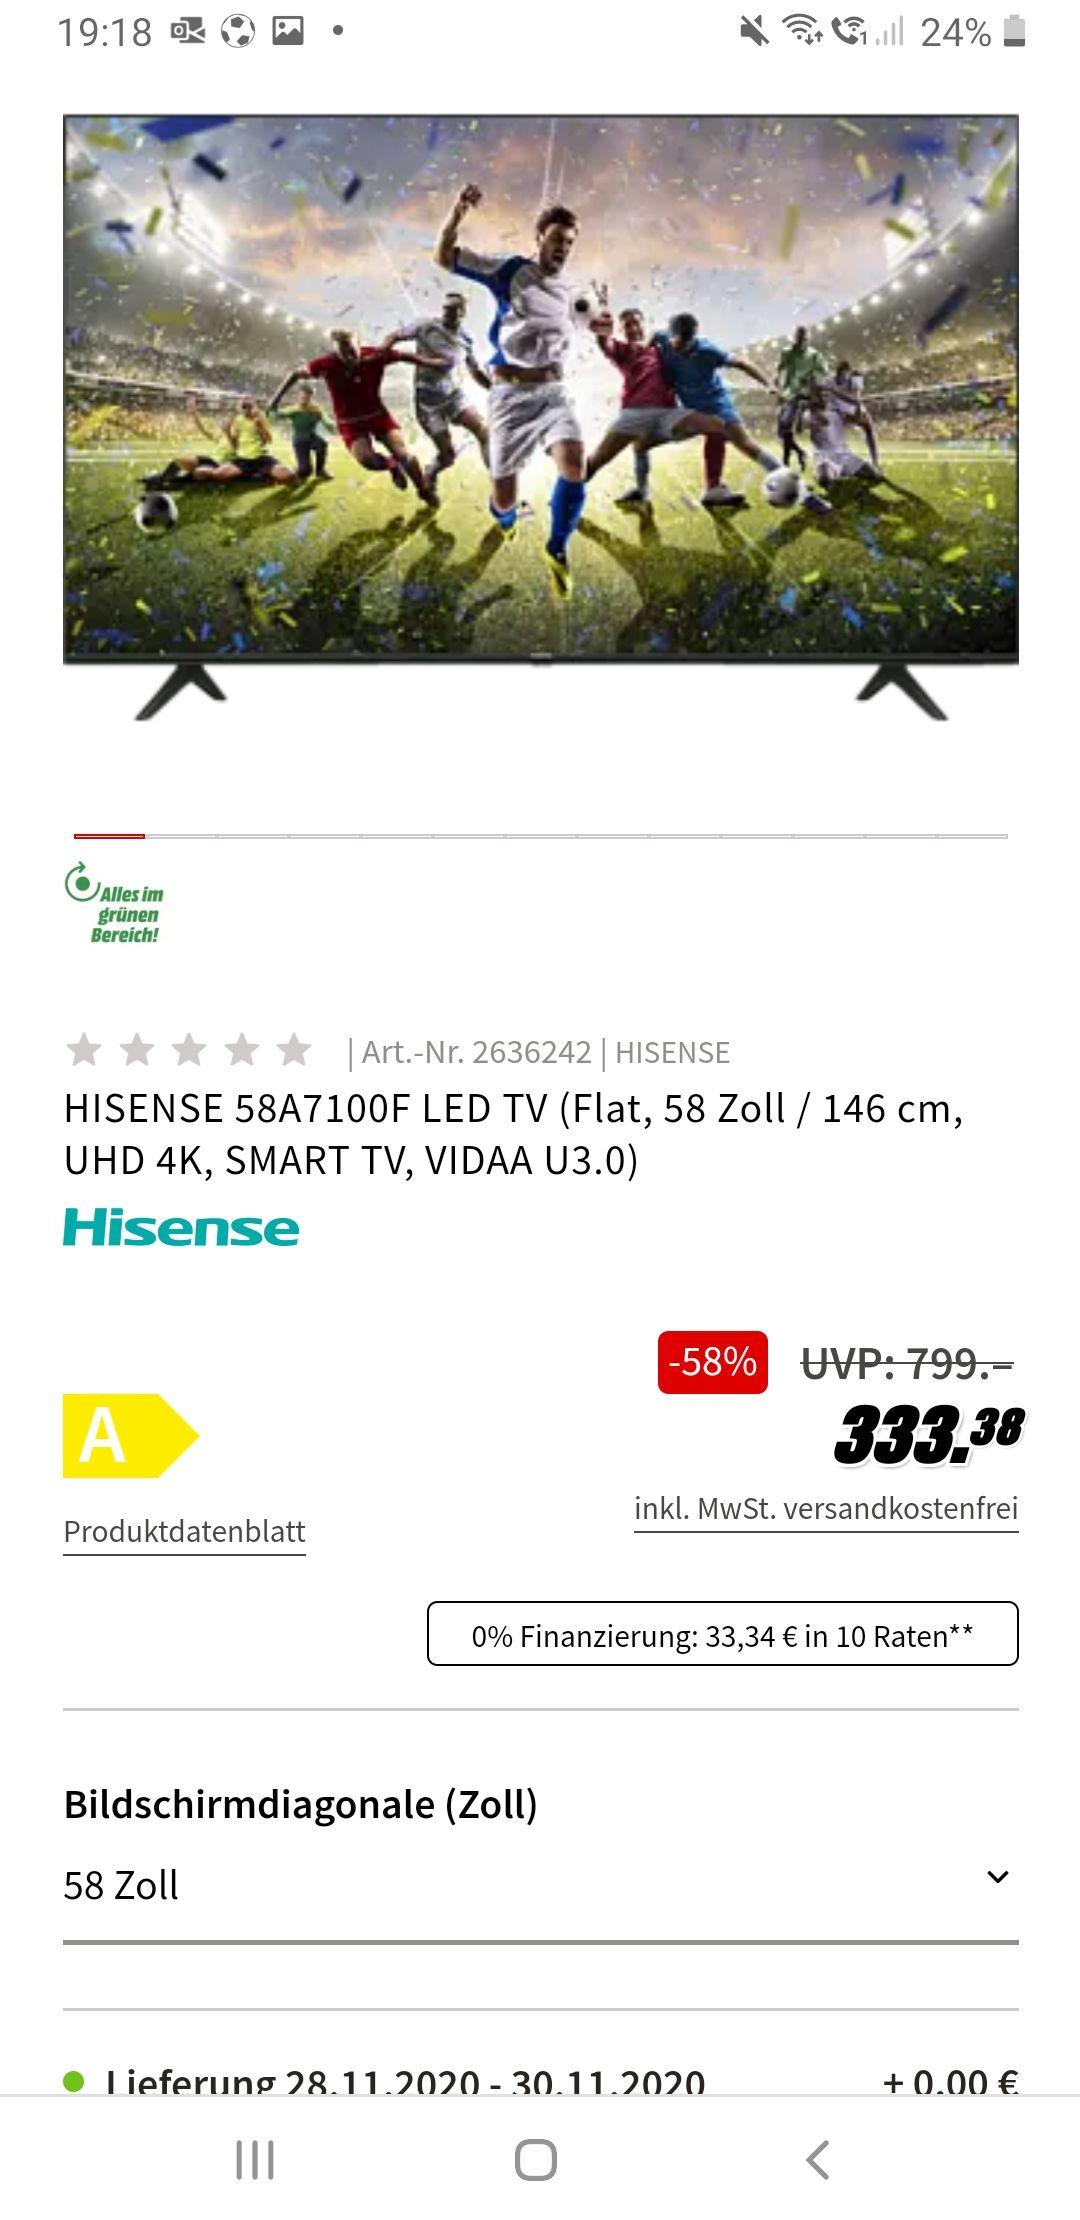 Grensdeal Duitsland HISENSE 58A7100F